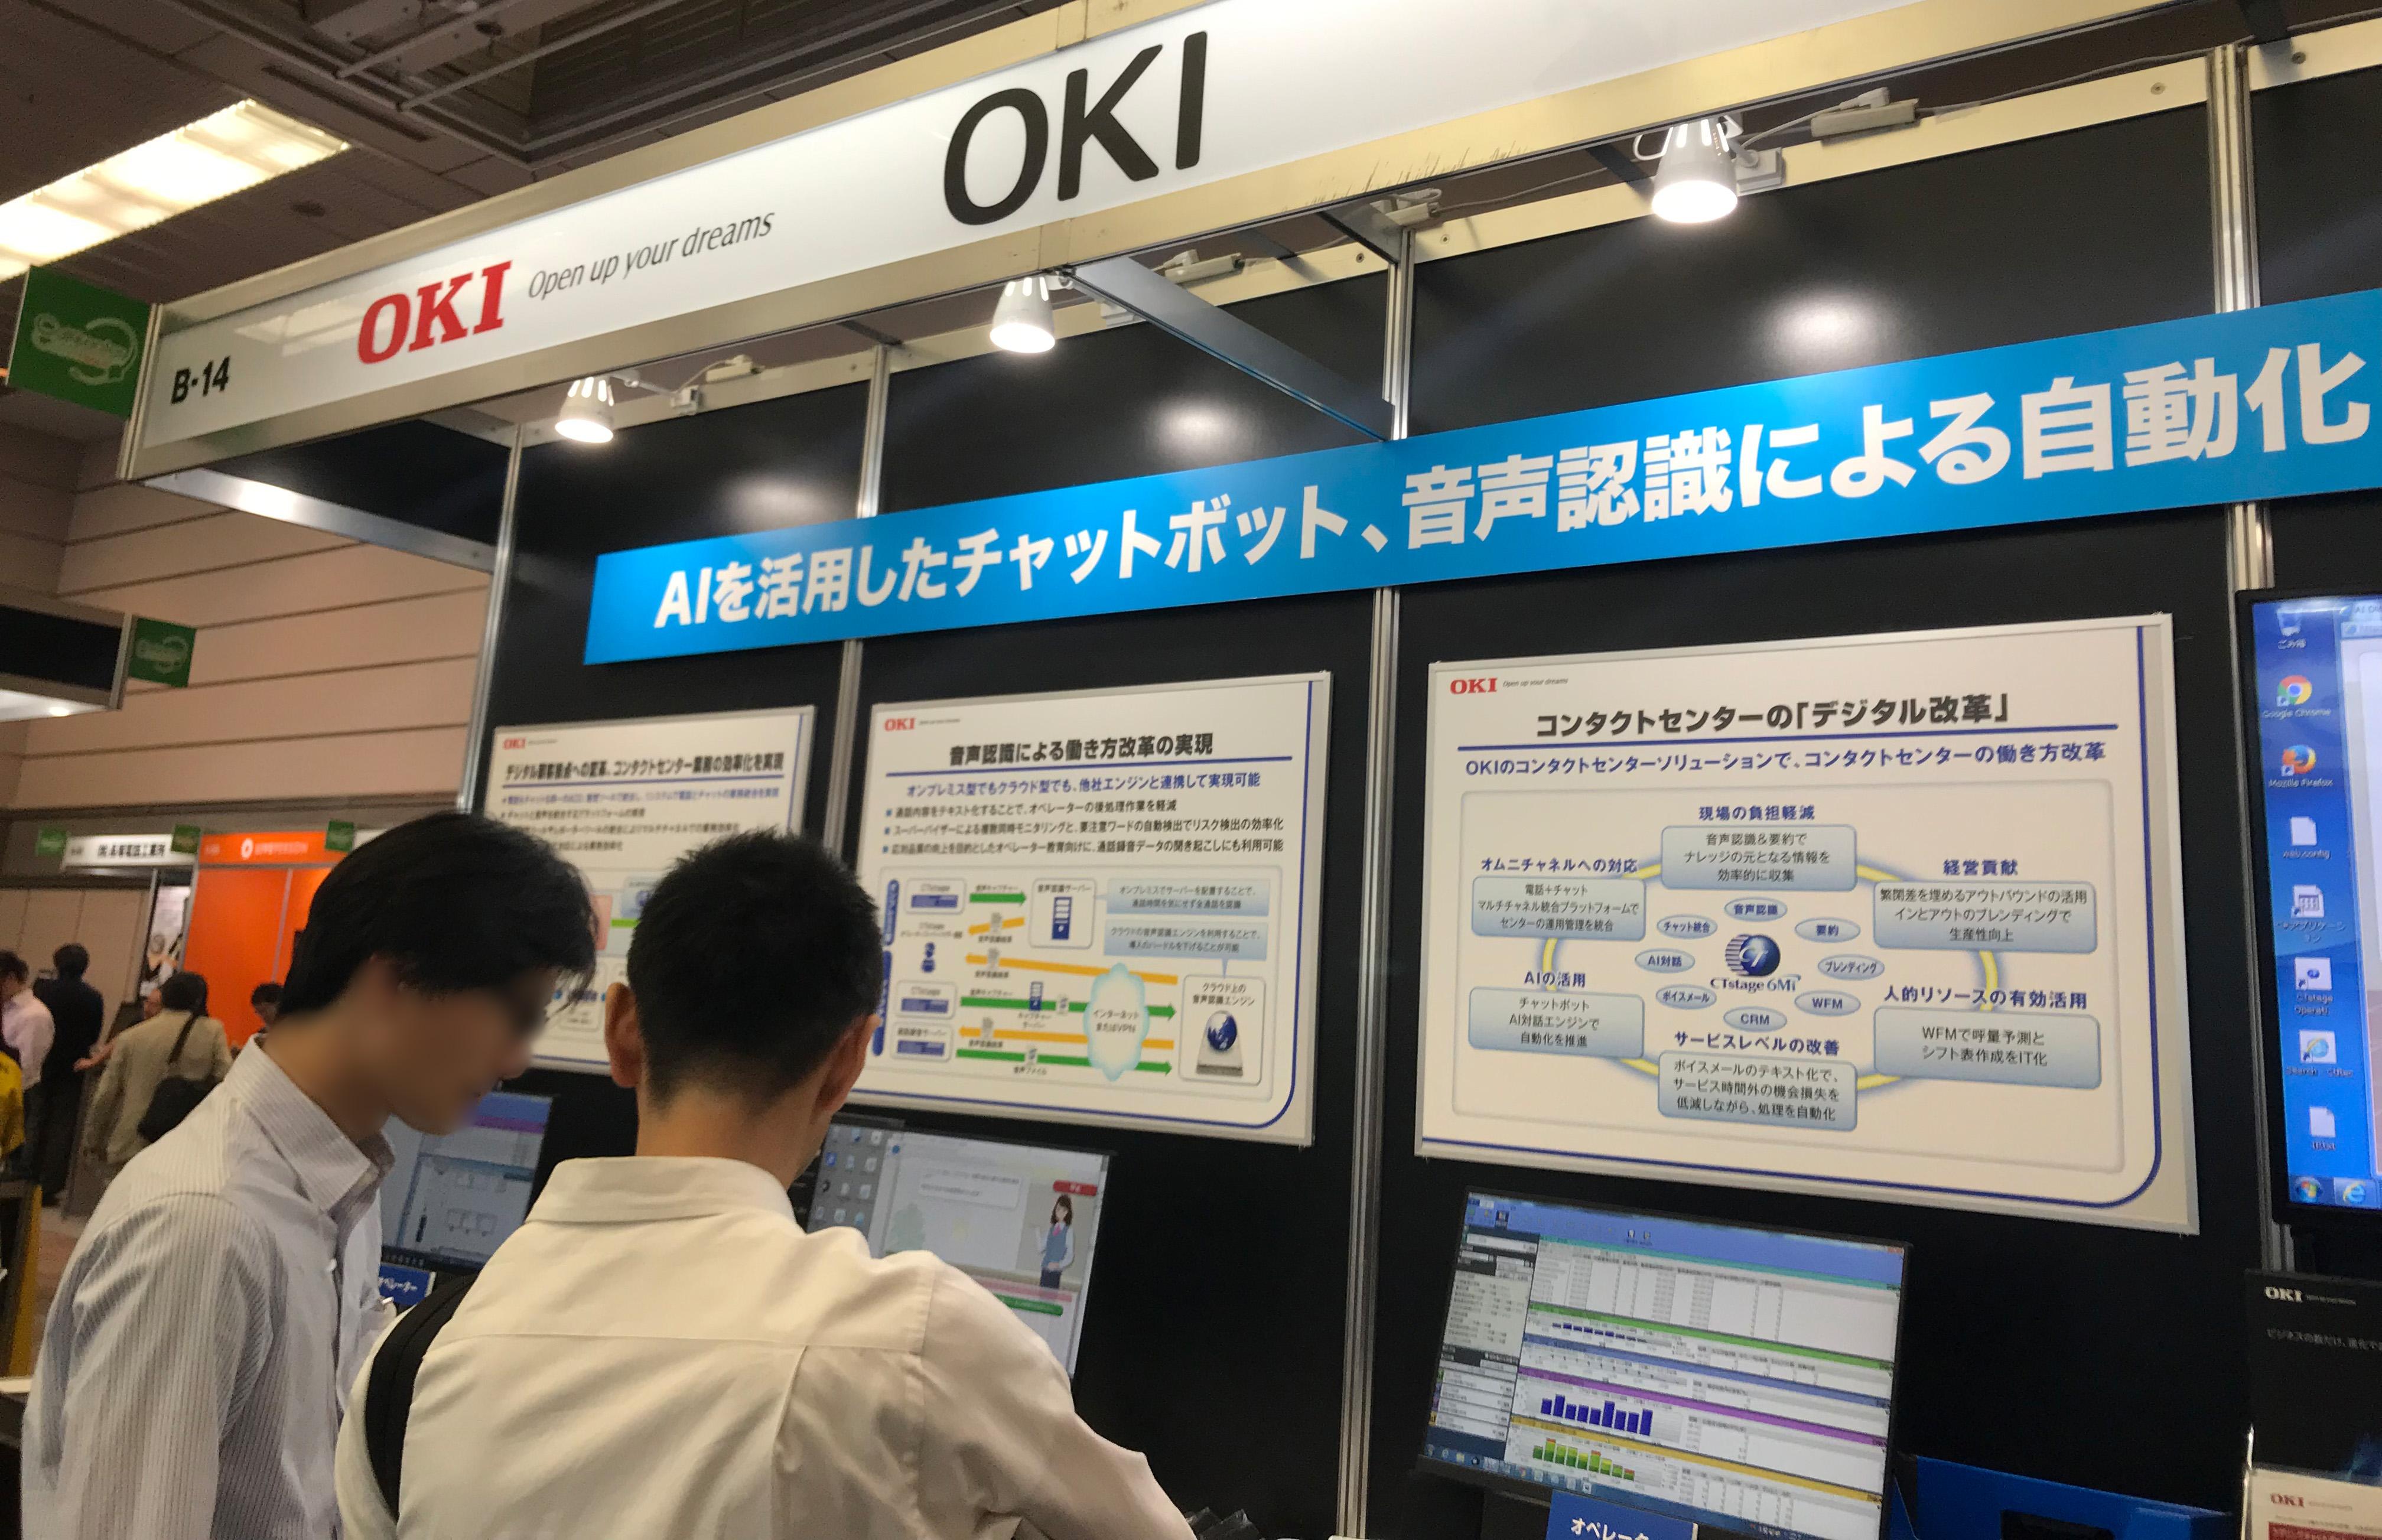 沖電気工業株式会社のCTstageはAIを活用したチャットボット、音声認識による自動化・効率化|AI・人工知能製品・サービスの比較一覧・導入活用事例・資料請求が無料でできるメディア